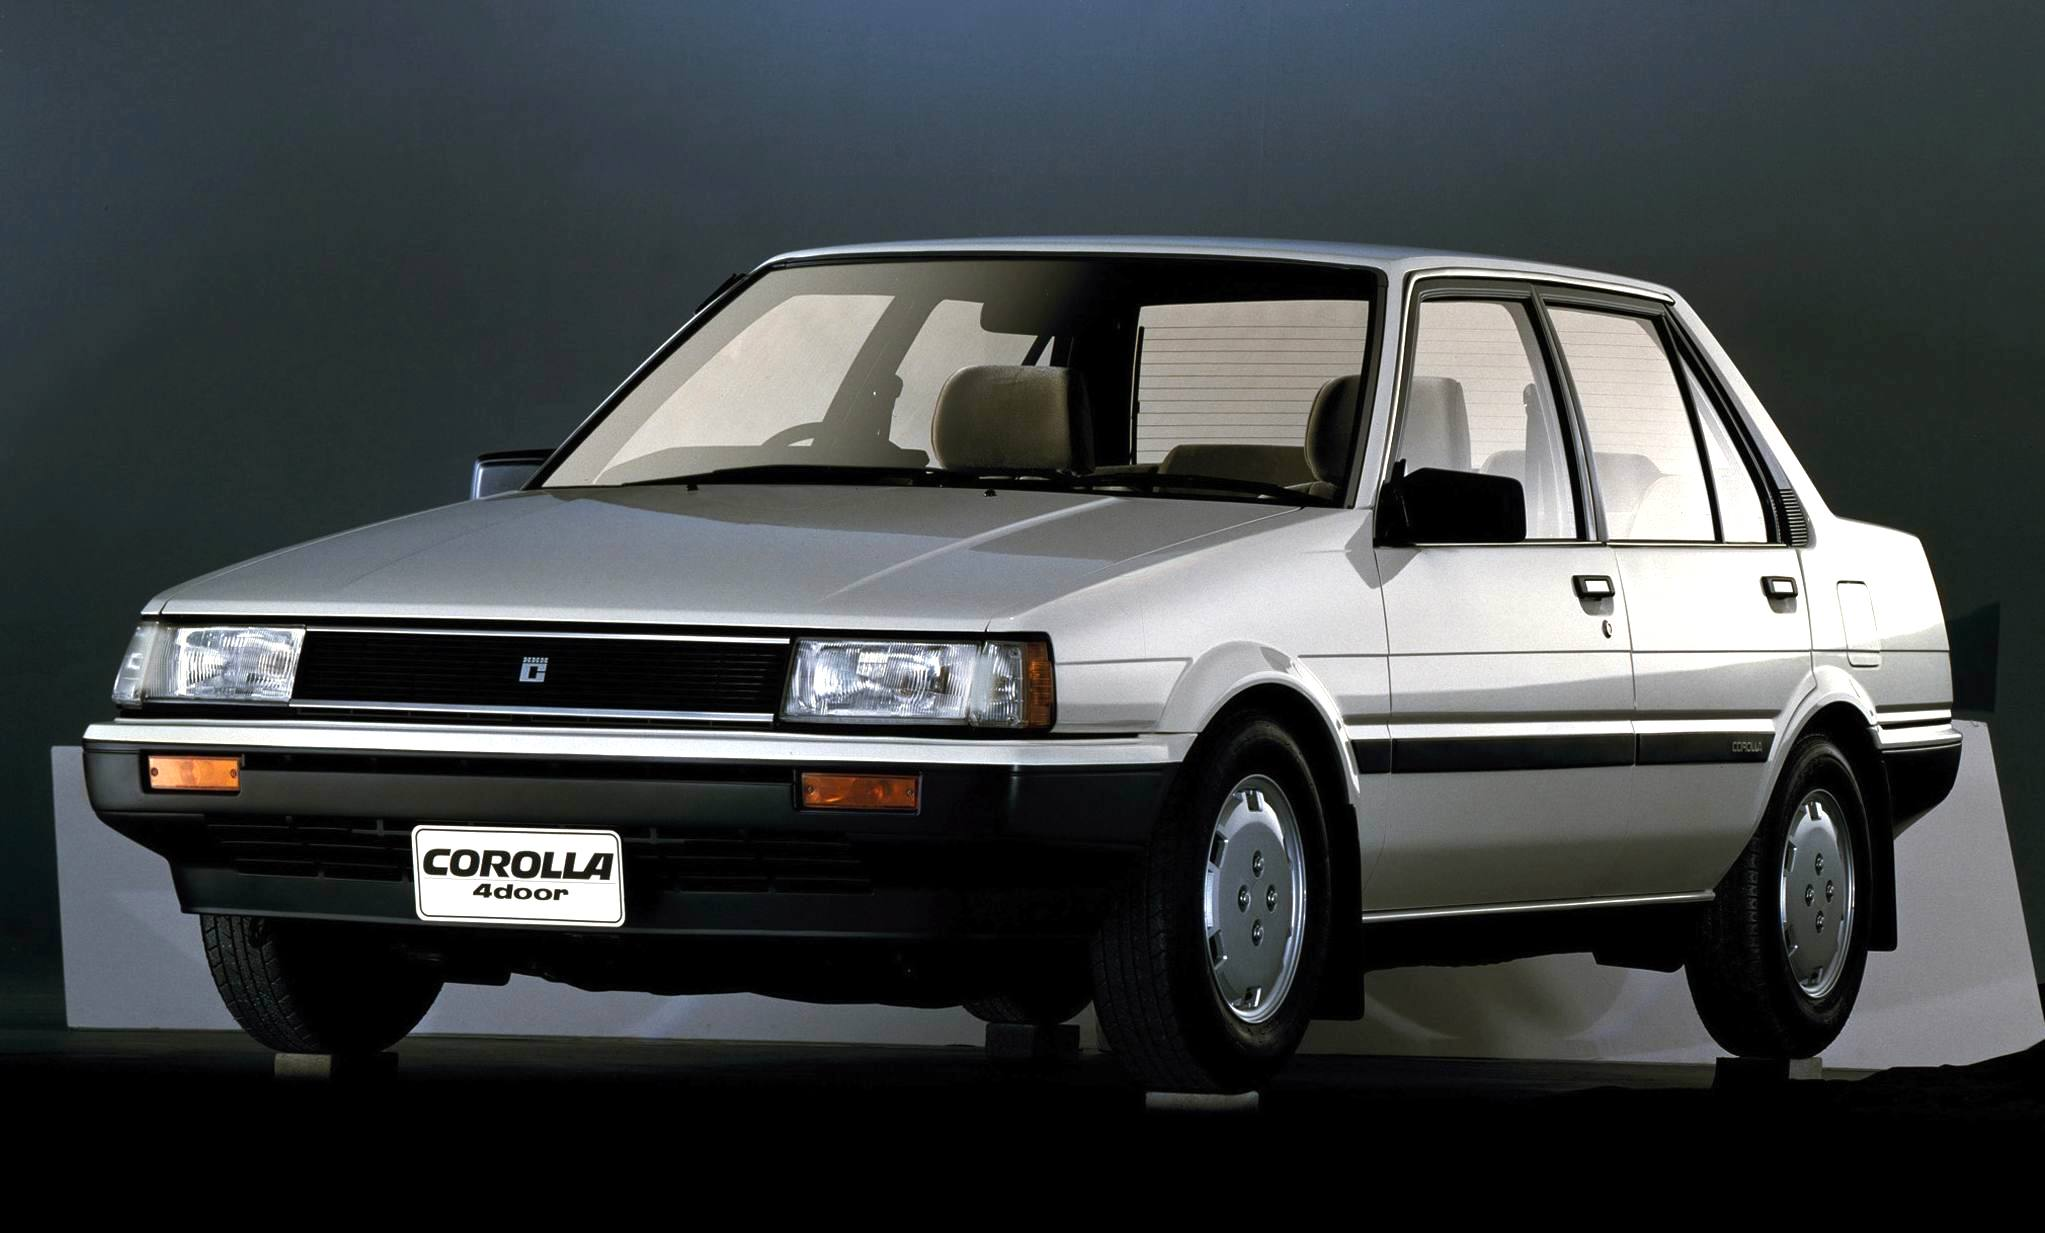 Kelebihan Kekurangan Toyota Corolla 1989 Spesifikasi